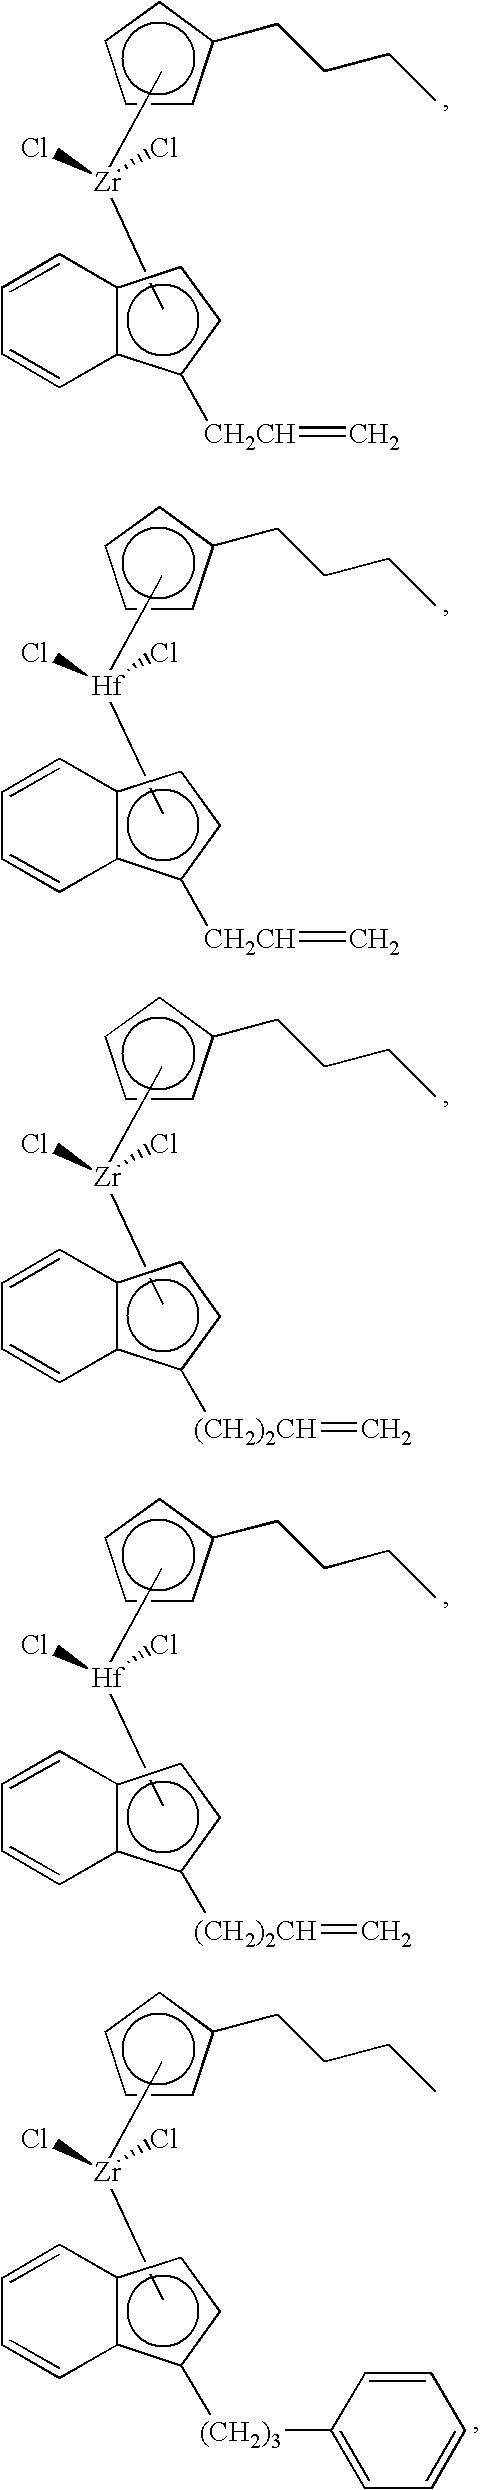 Figure US07619047-20091117-C00021